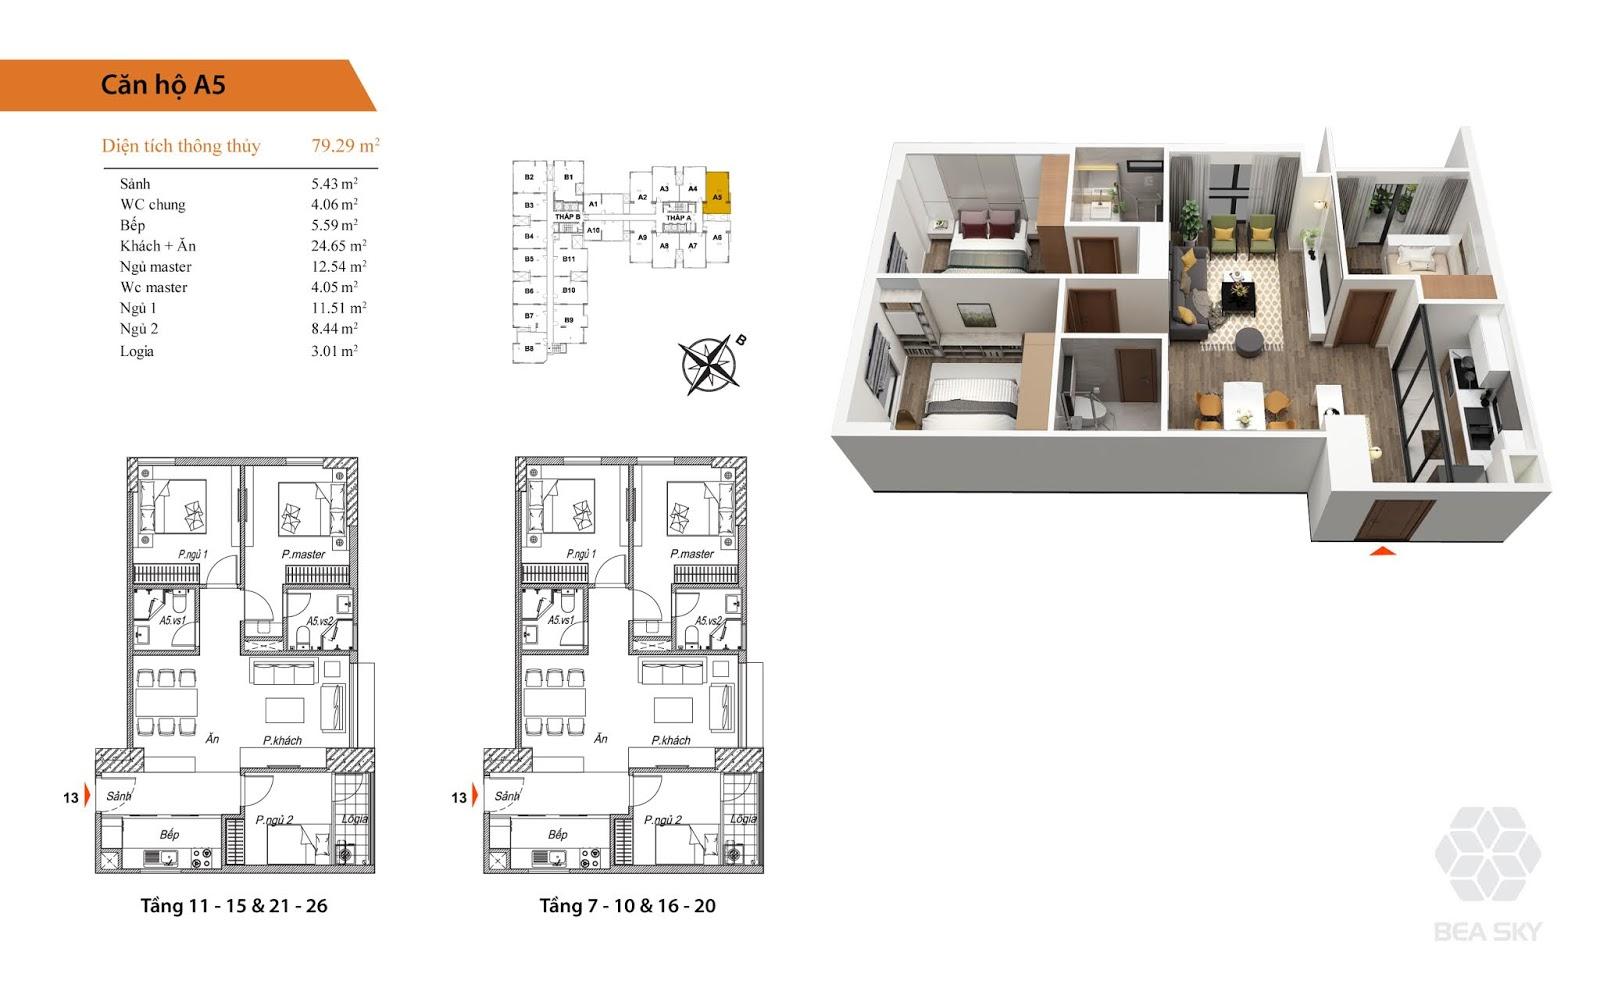 Thiết kế căn A5 chung cư Bea Sky Nguyễn xiển